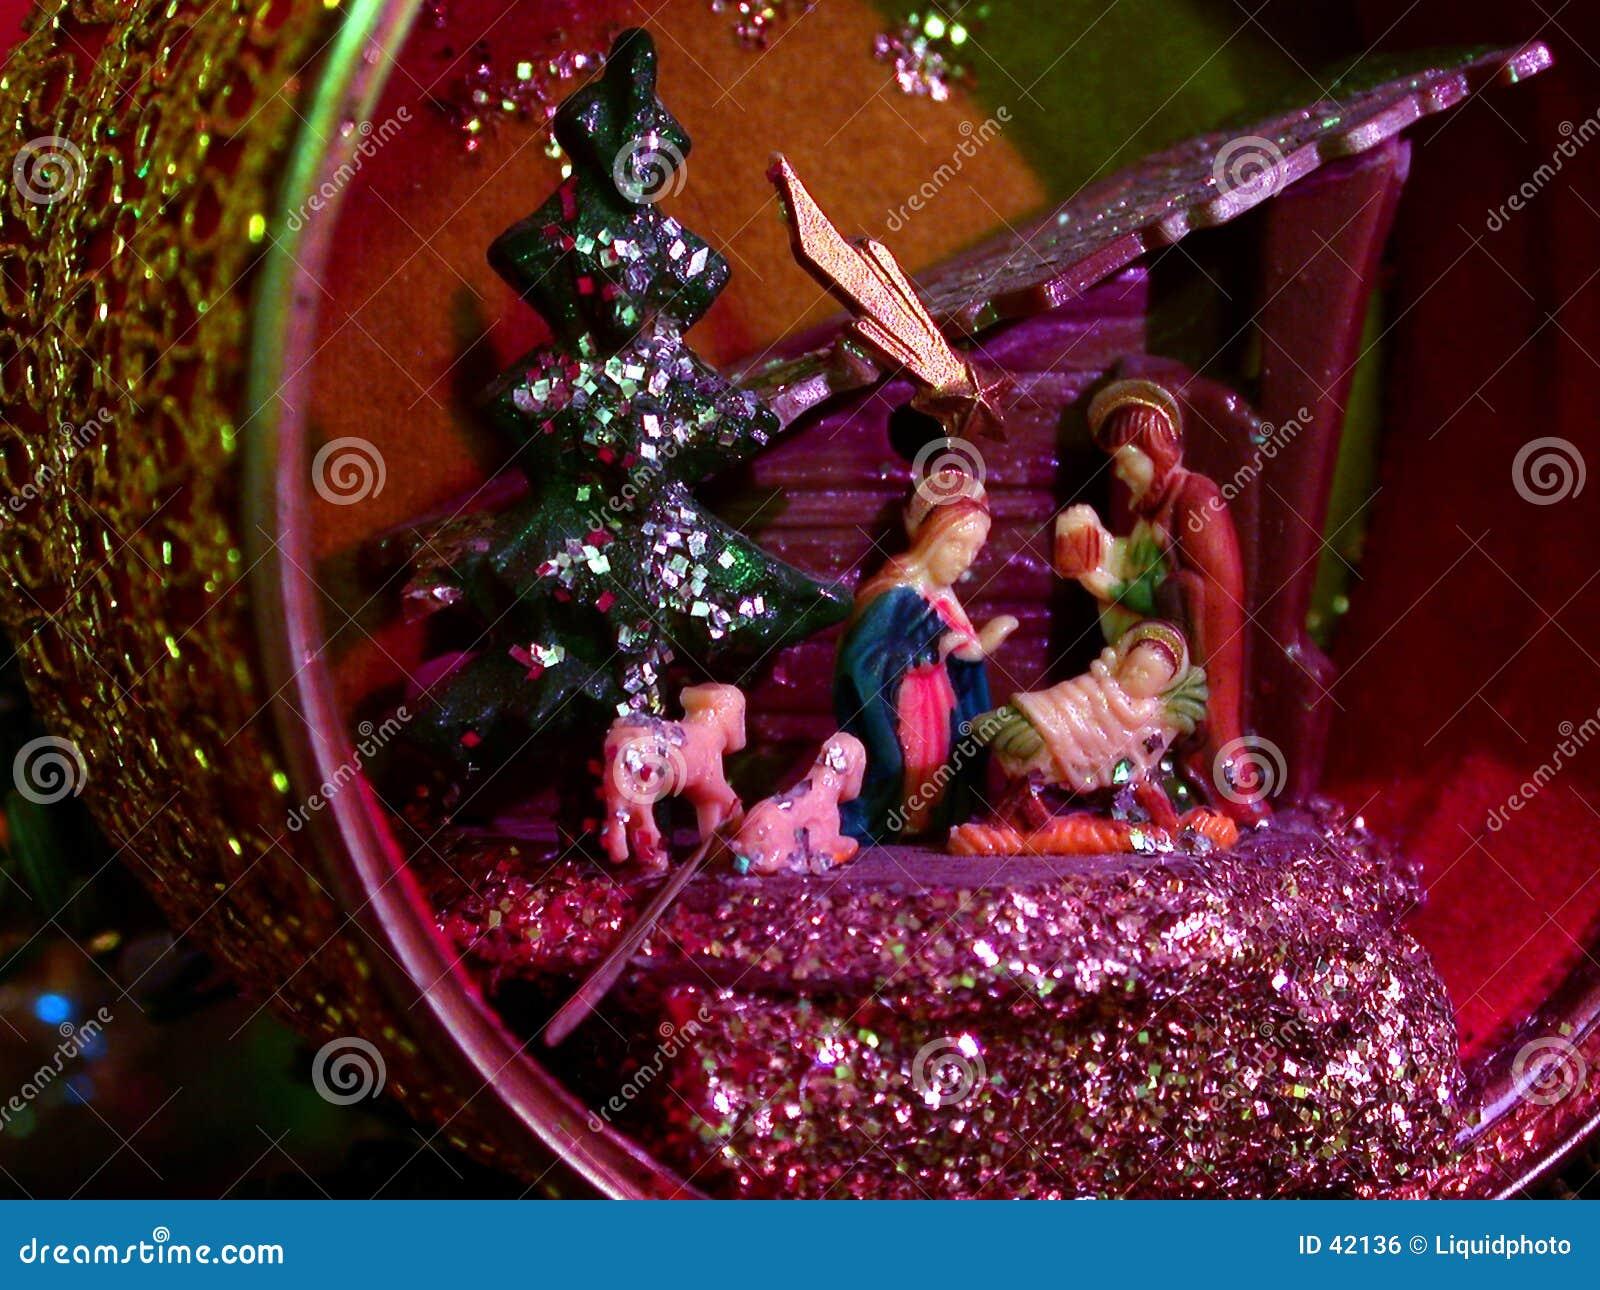 Download Escena De La Natividad Del Ornamento De La Navidad Foto de archivo - Imagen de diciembre, decorativo: 42136